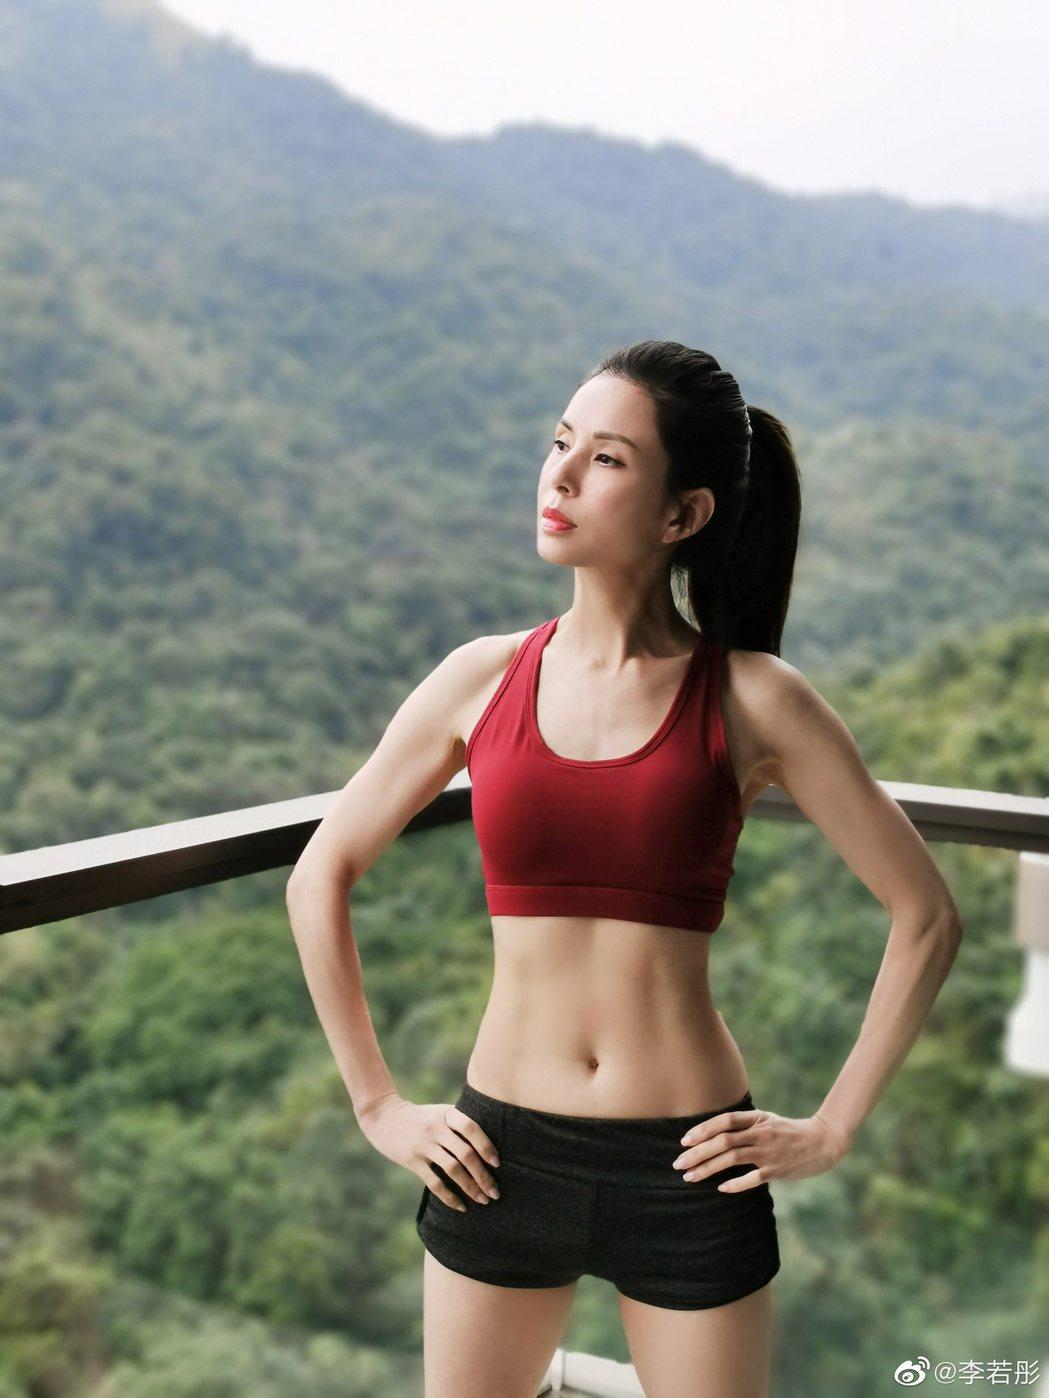 李若彤在微博分享健身成果。圖/擷自微博